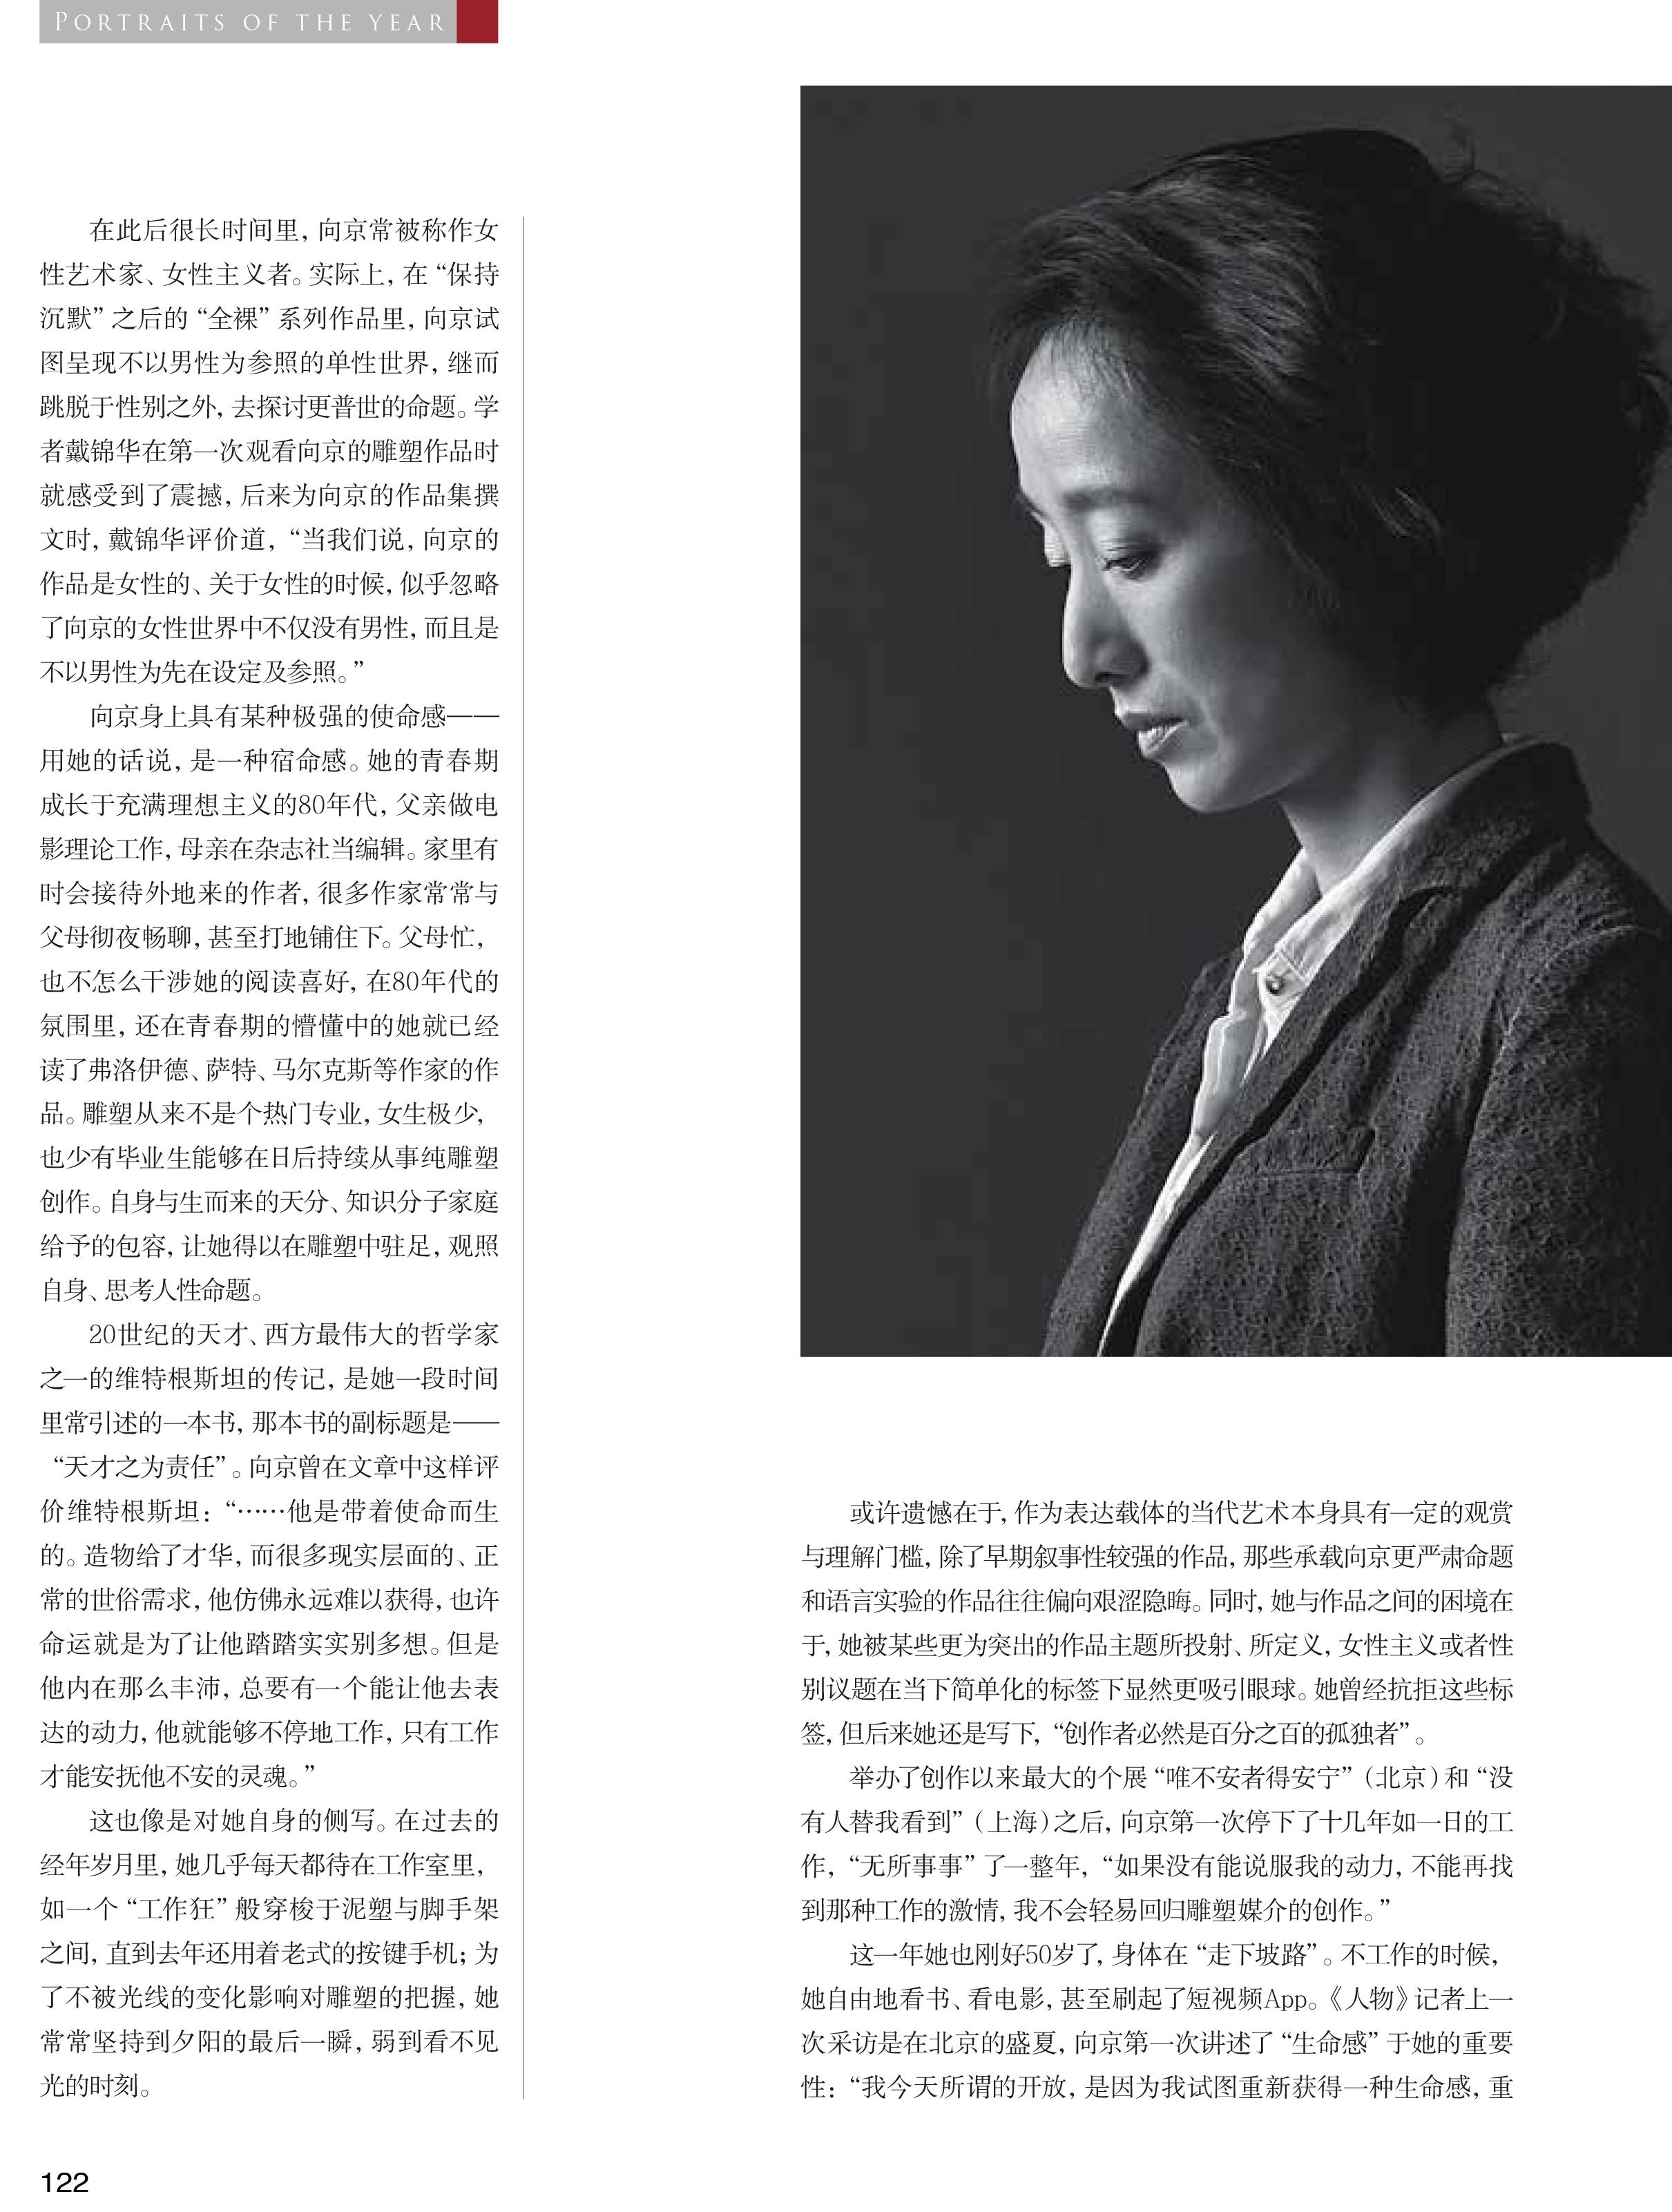 2018人物年度人物-向京-3.jpg